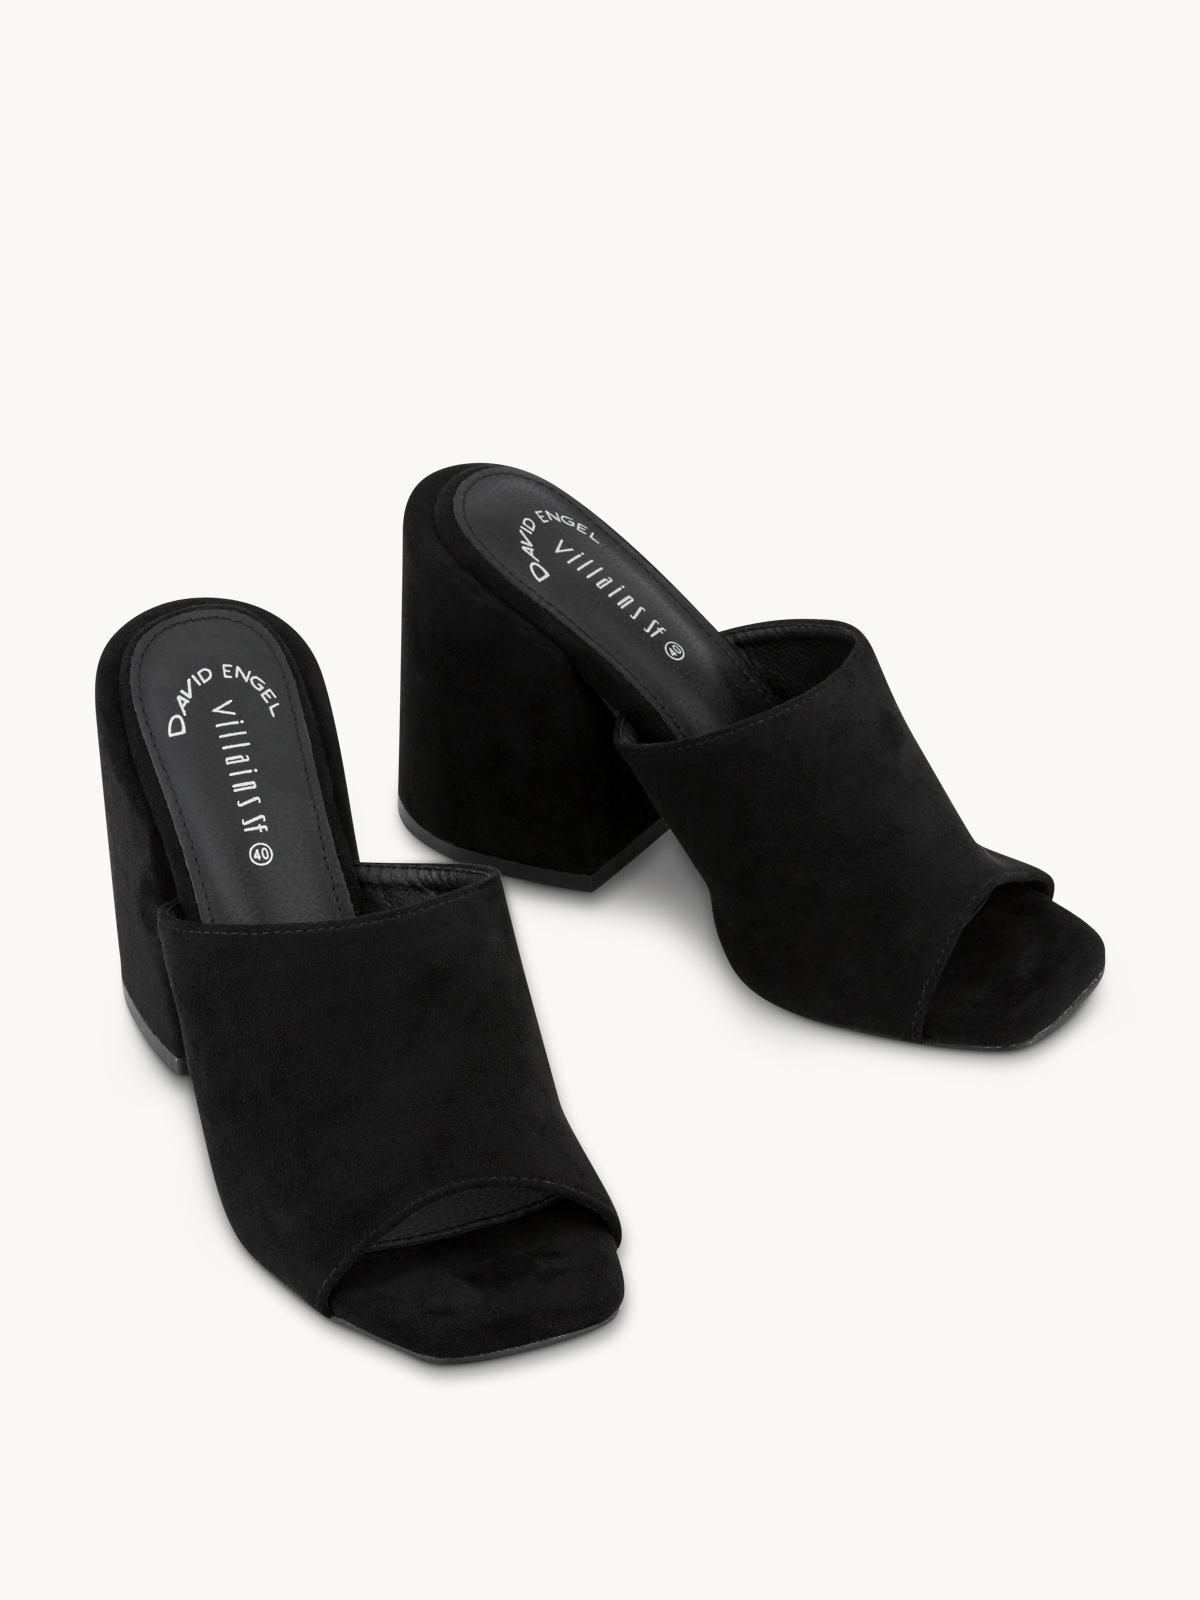 Villains SF Zahara Heels Black